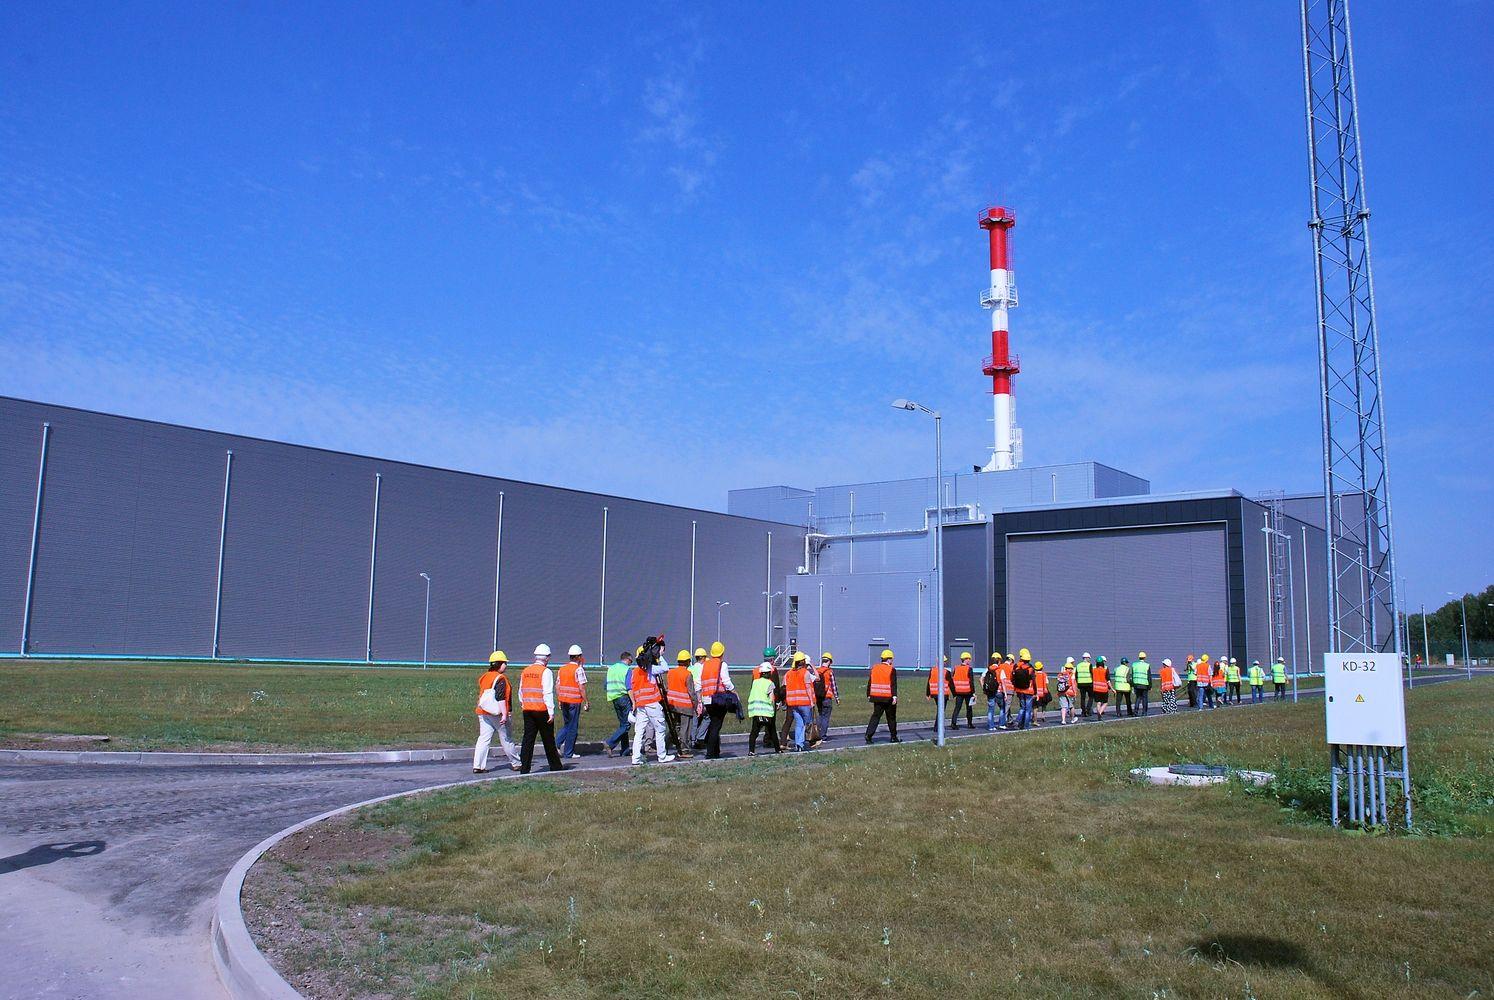 IAE būsimo atliekyno statybos konkursą stabdo priežiūros inžinieriaus atranka